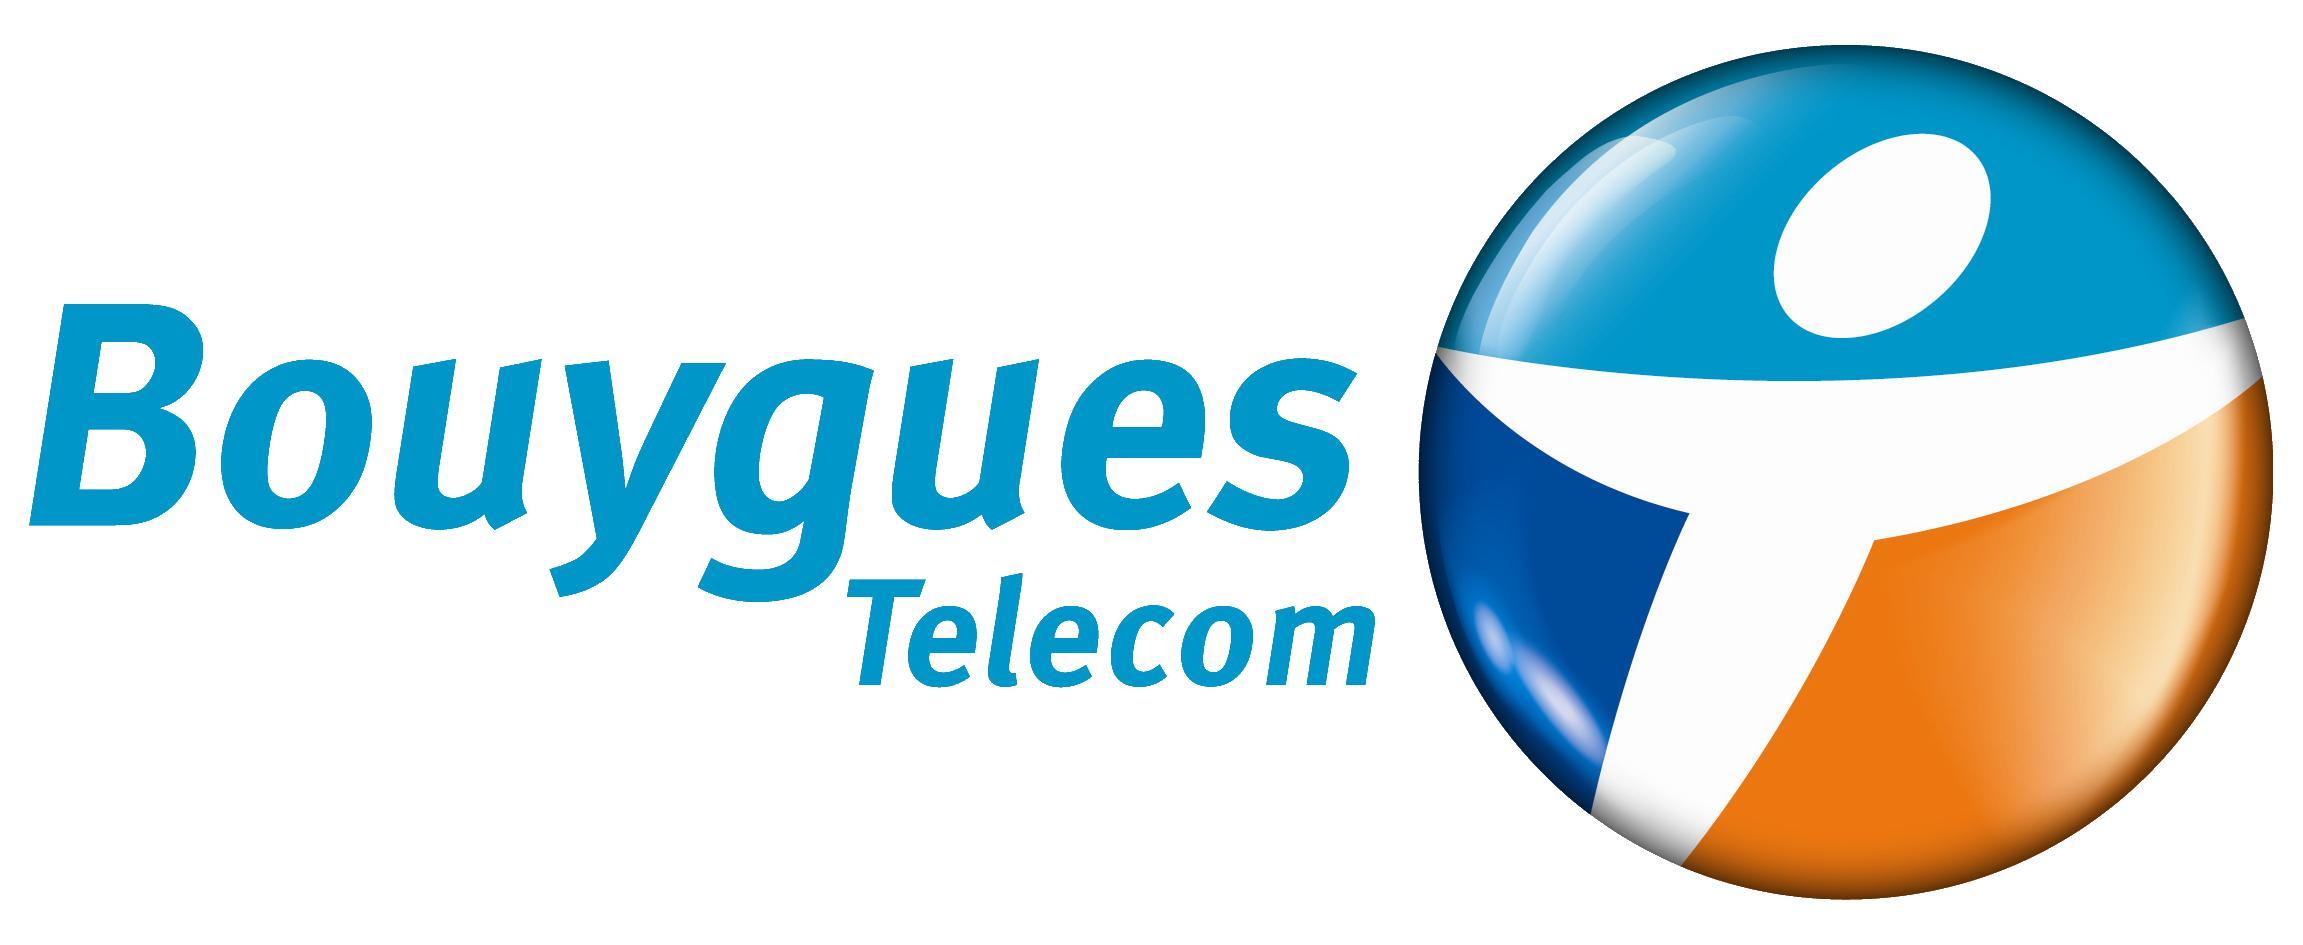 télécharger photo logo bouygues telecom